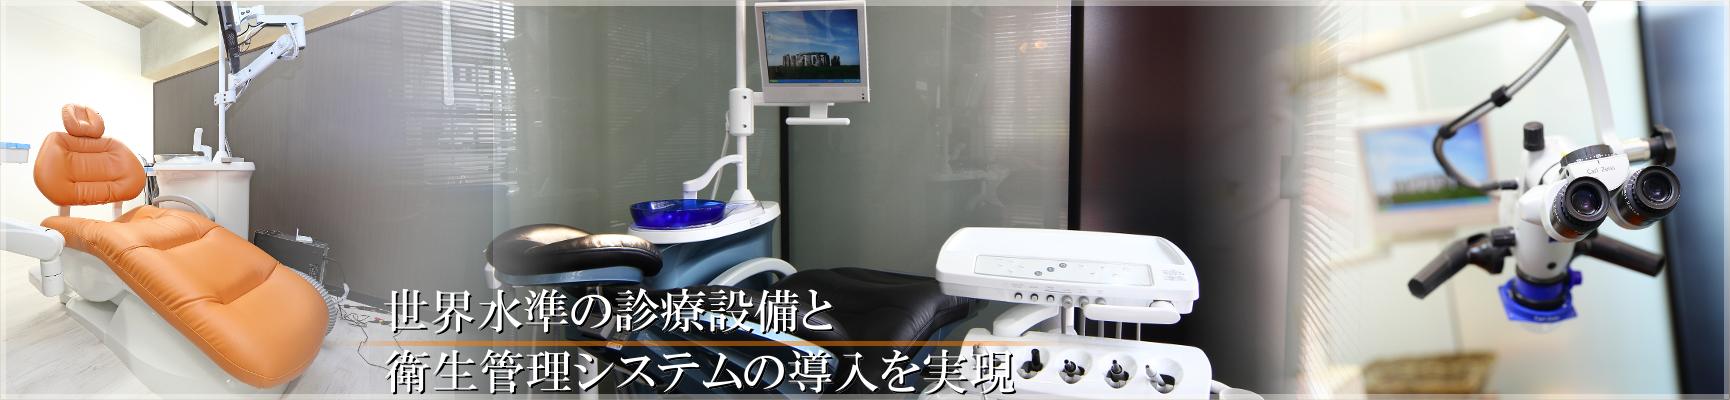 阿南歯科医院